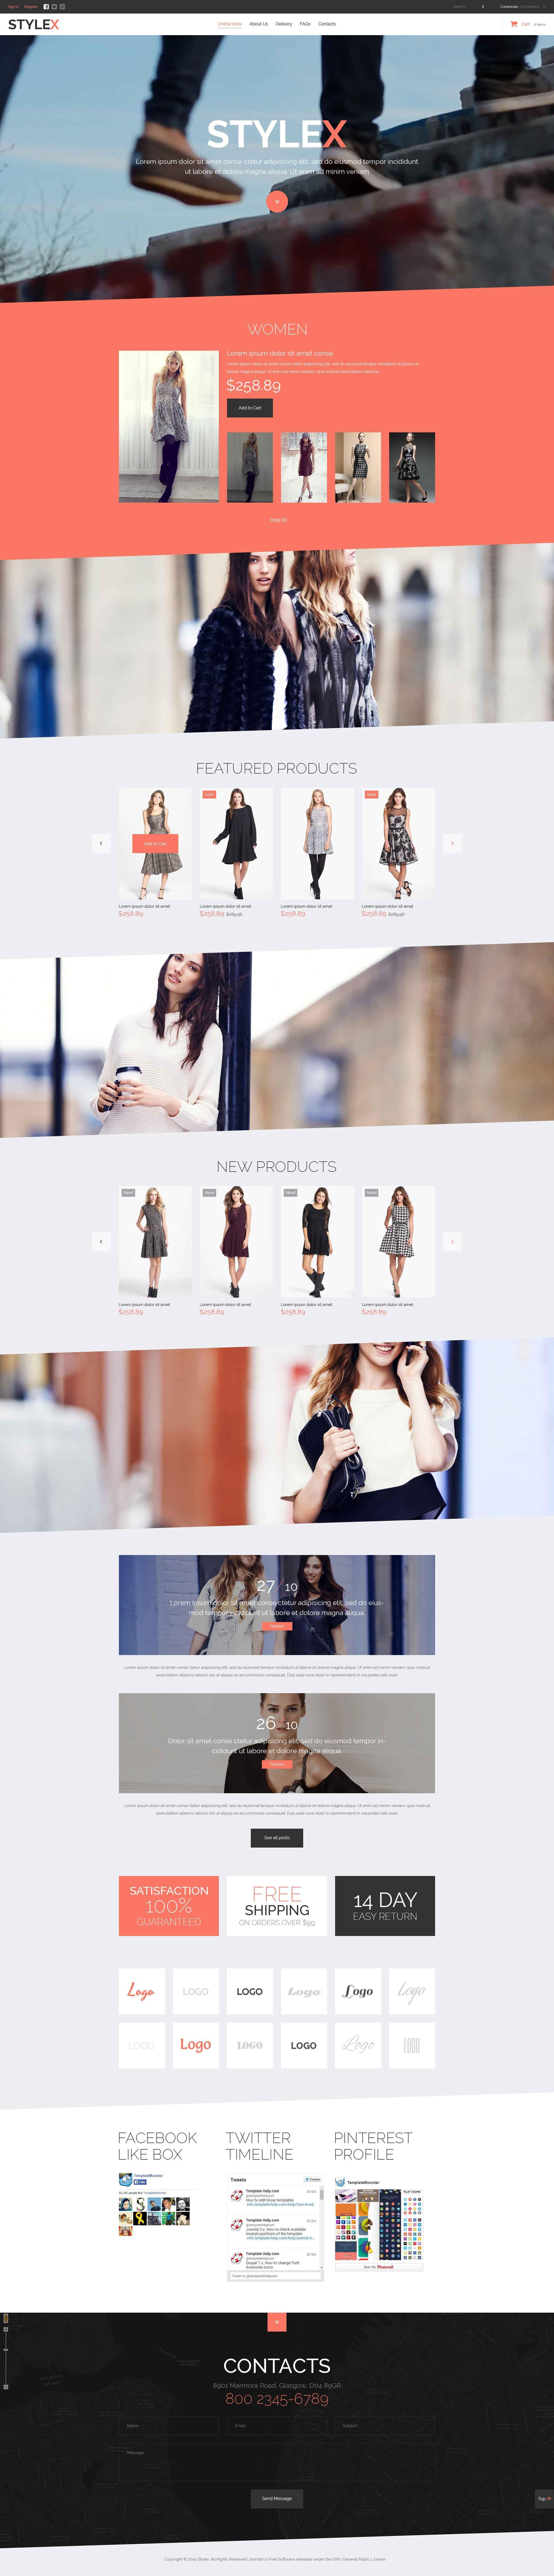 Szablon VirtueMart #52127 na temat: sklep modowy - zrzut ekranu